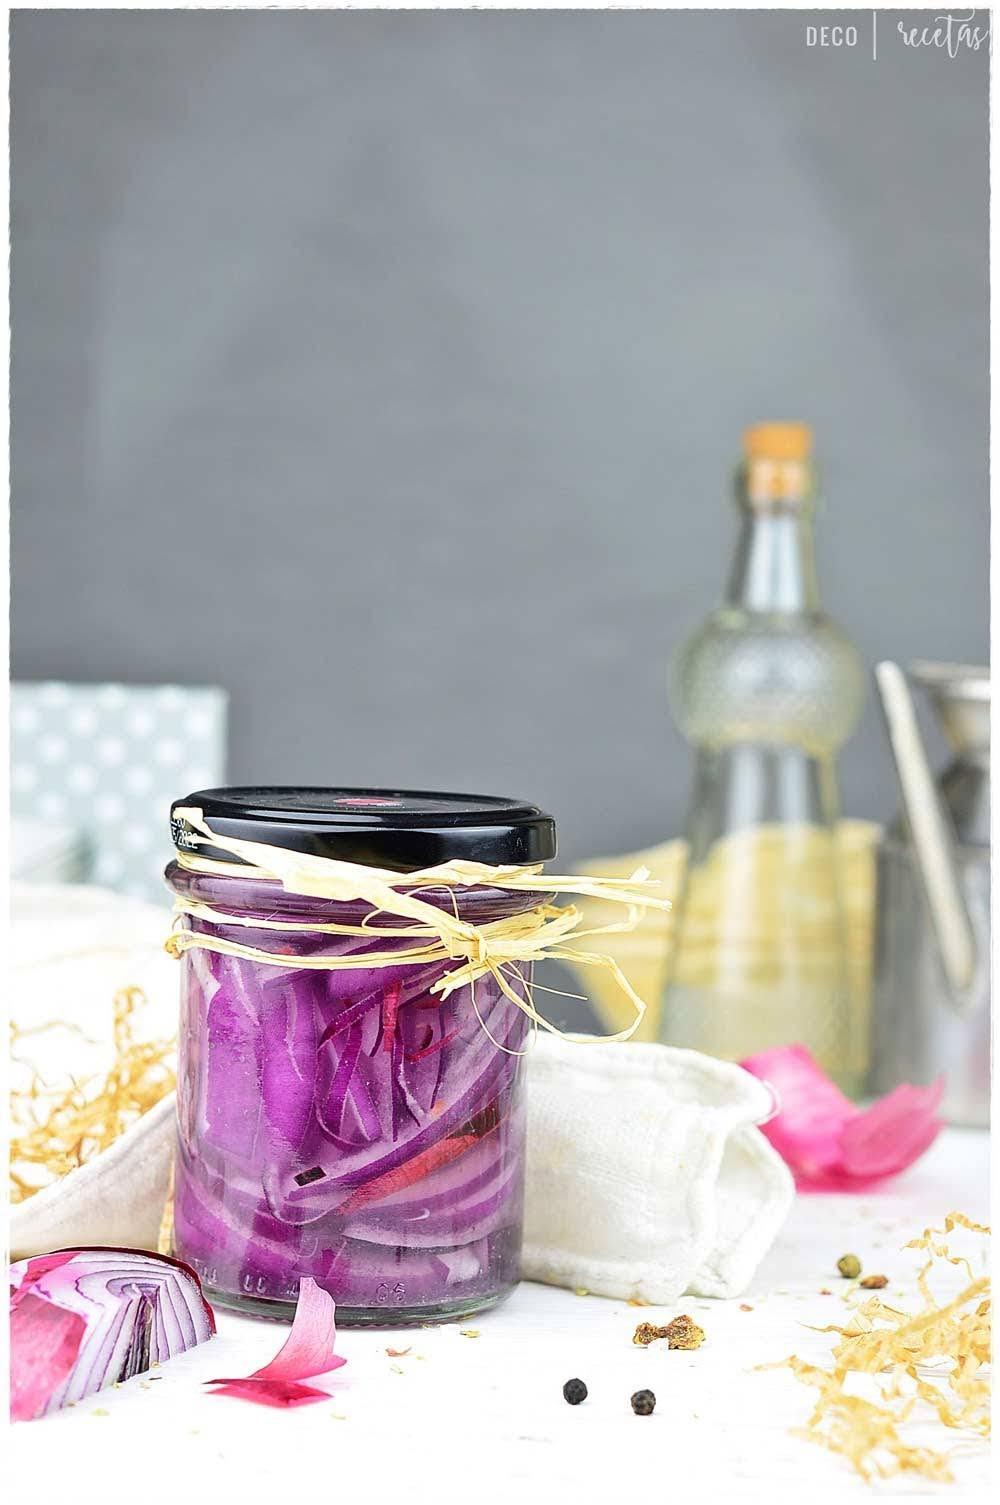 cebollitas encurtidas cebolla cebollas morada color propiedades de cebolla